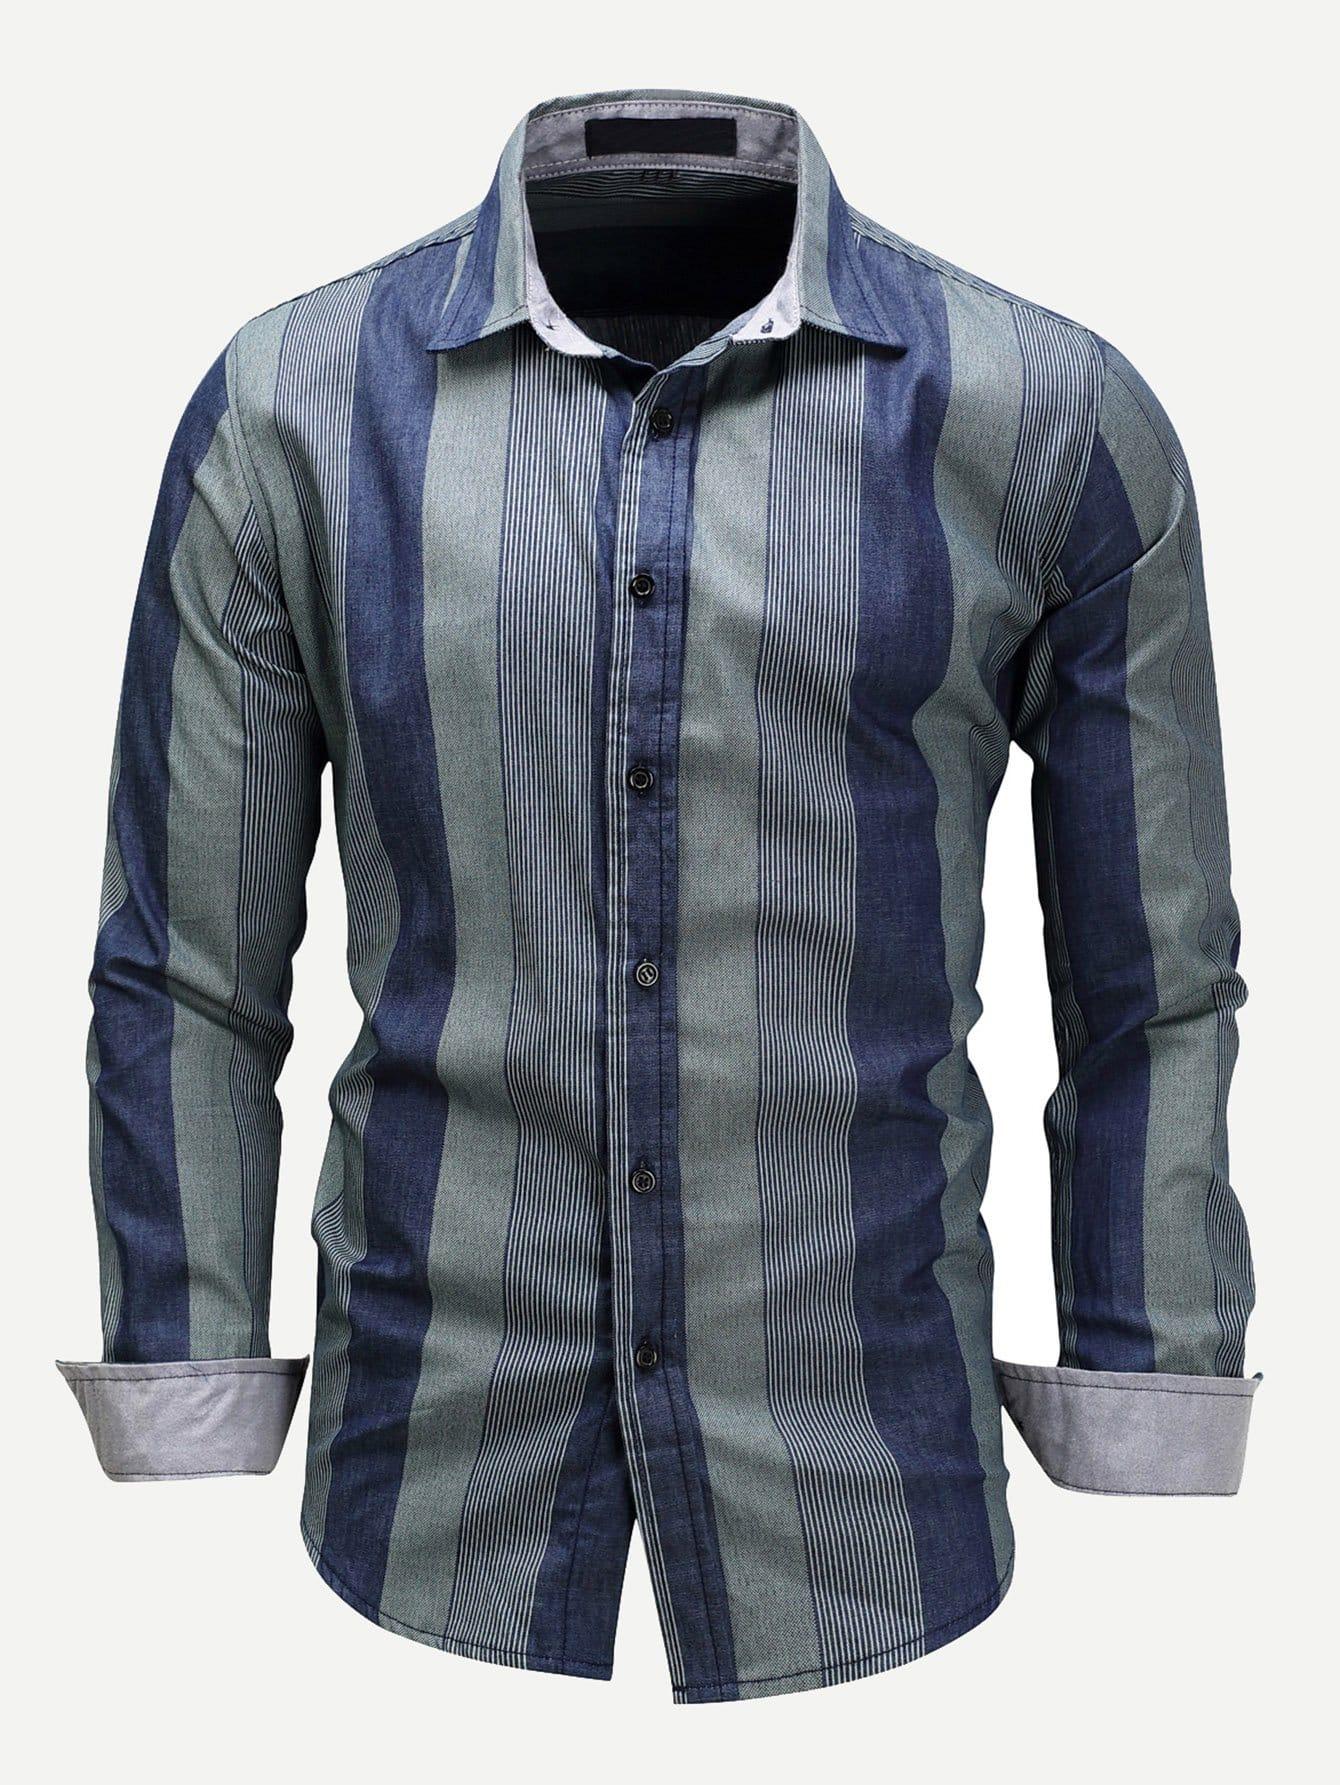 Men Vertical-Striped Collar Denim Shirt Men Vertical-Striped Collar Denim Shirt